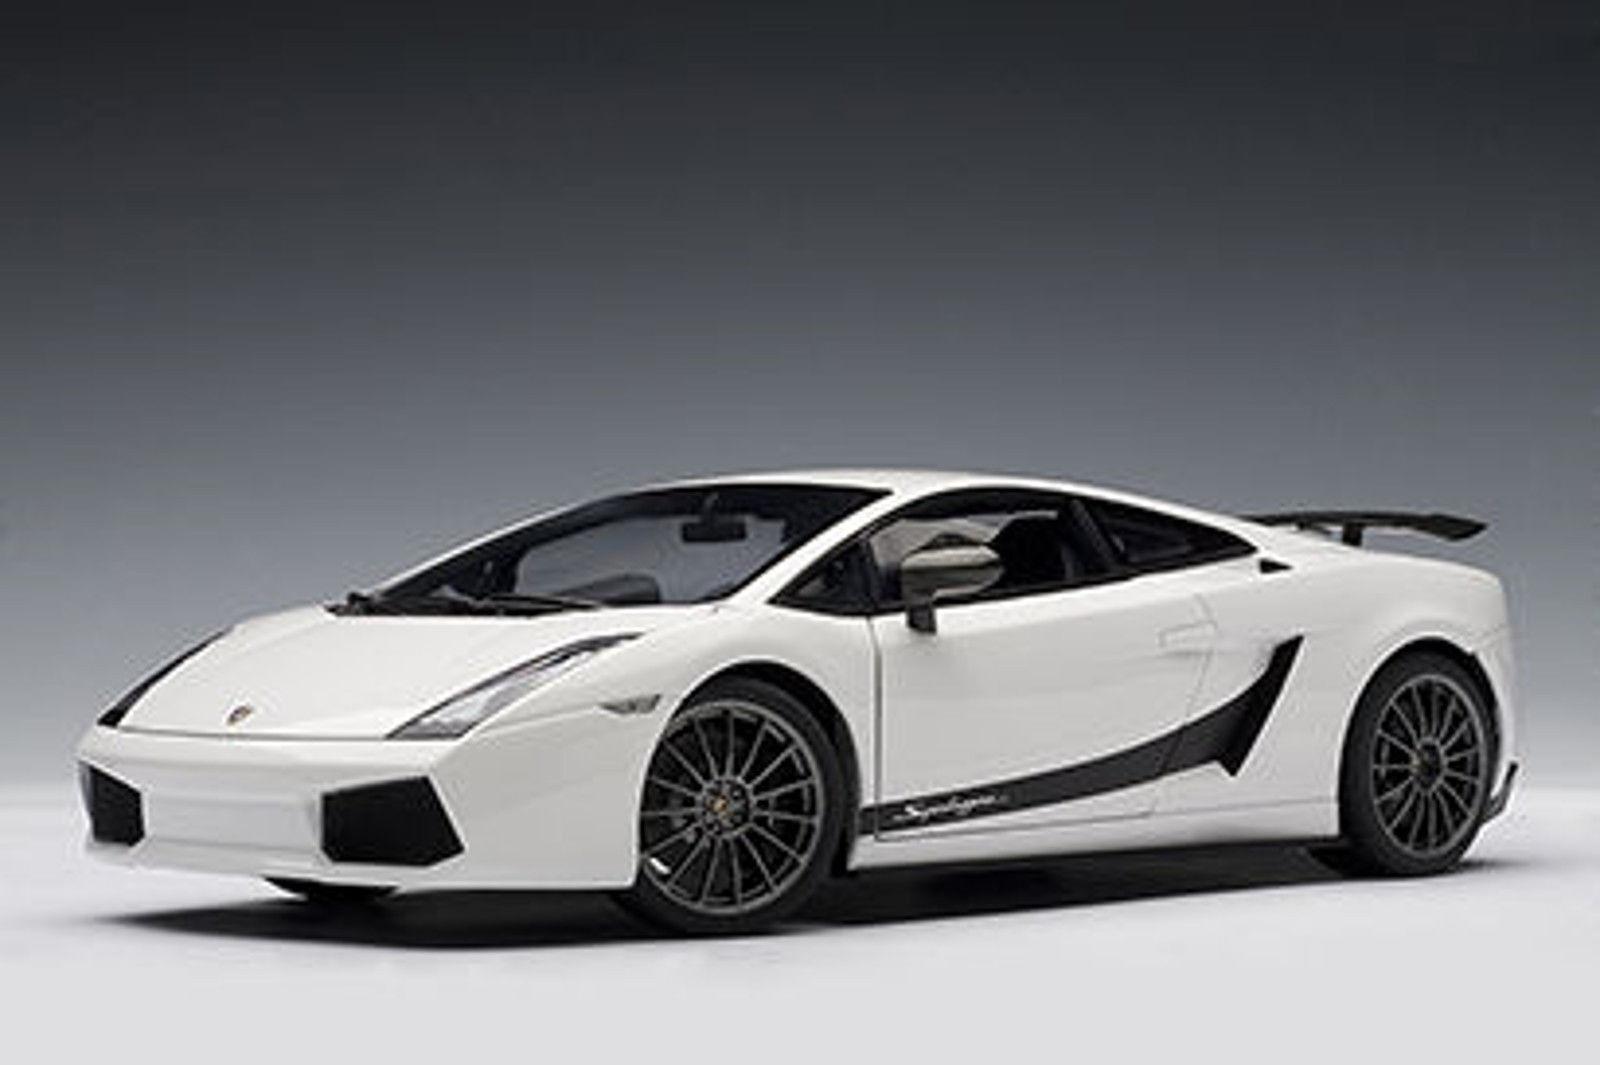 1/18 Autoart LAMBORGHINI GALLARDO SUPERLEGGERA Metallic White PREZZO SPECIALE